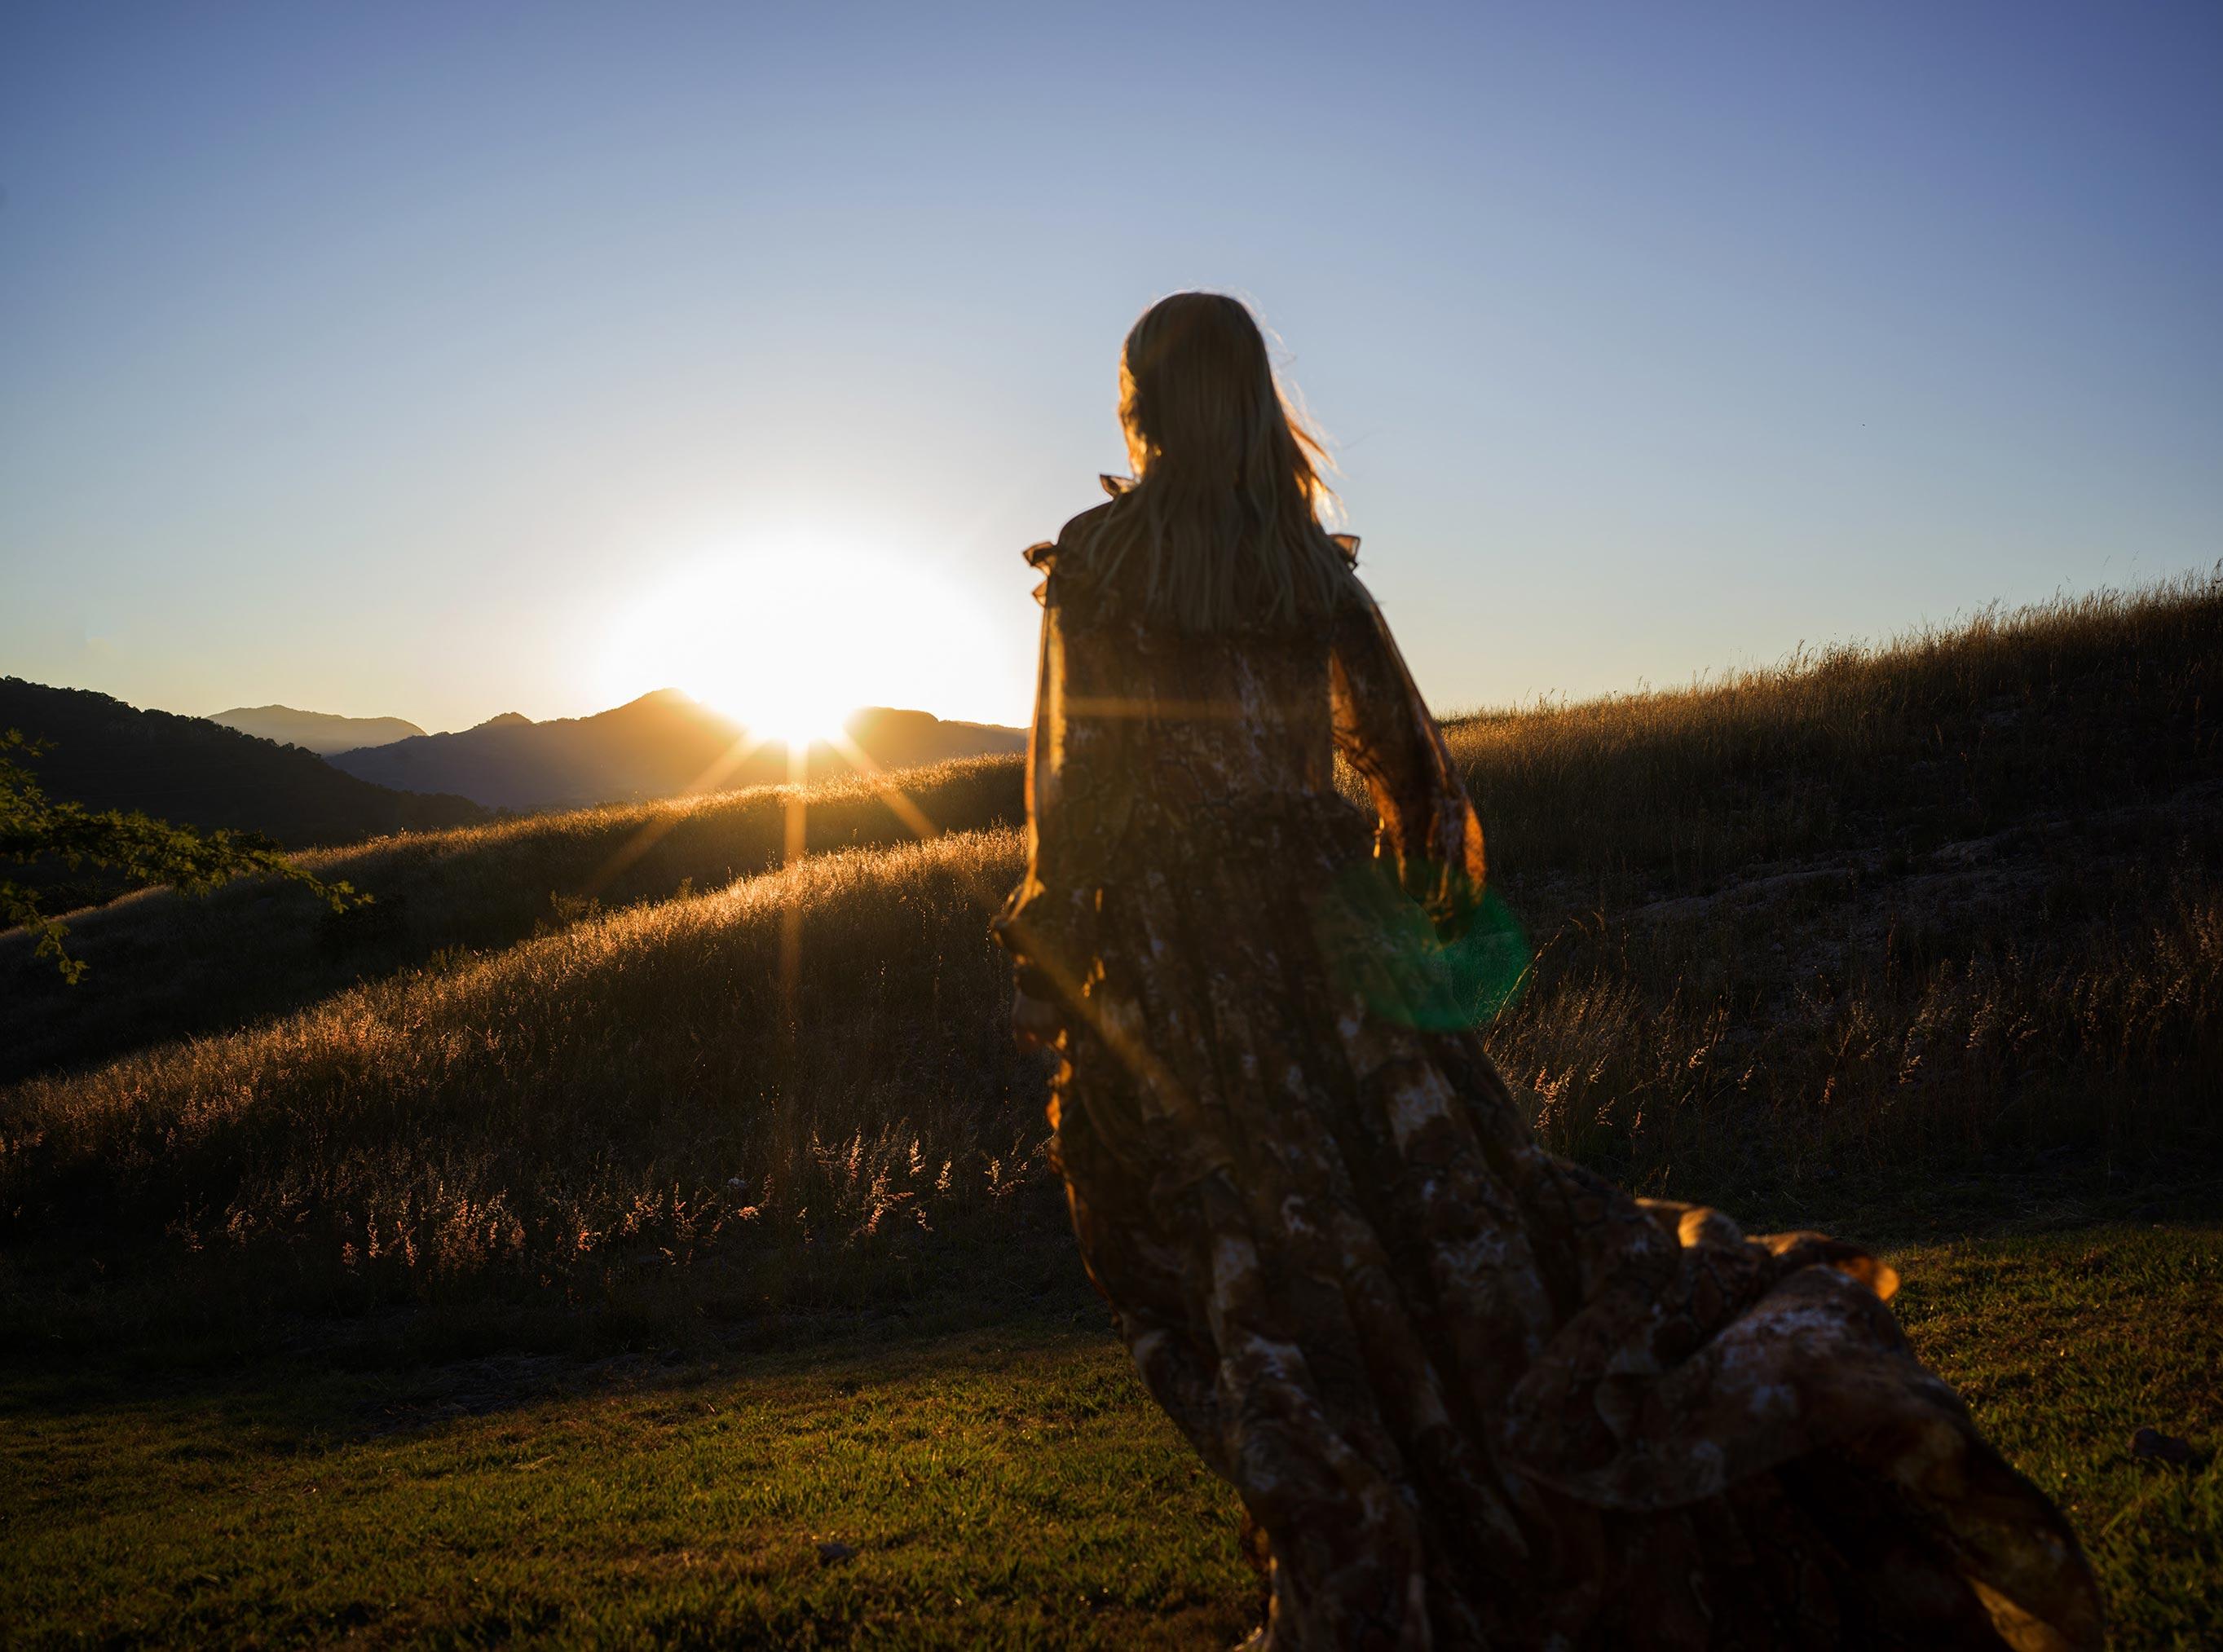 Паола Мендес - съемка в штате Халиско, Мексика / фото 07